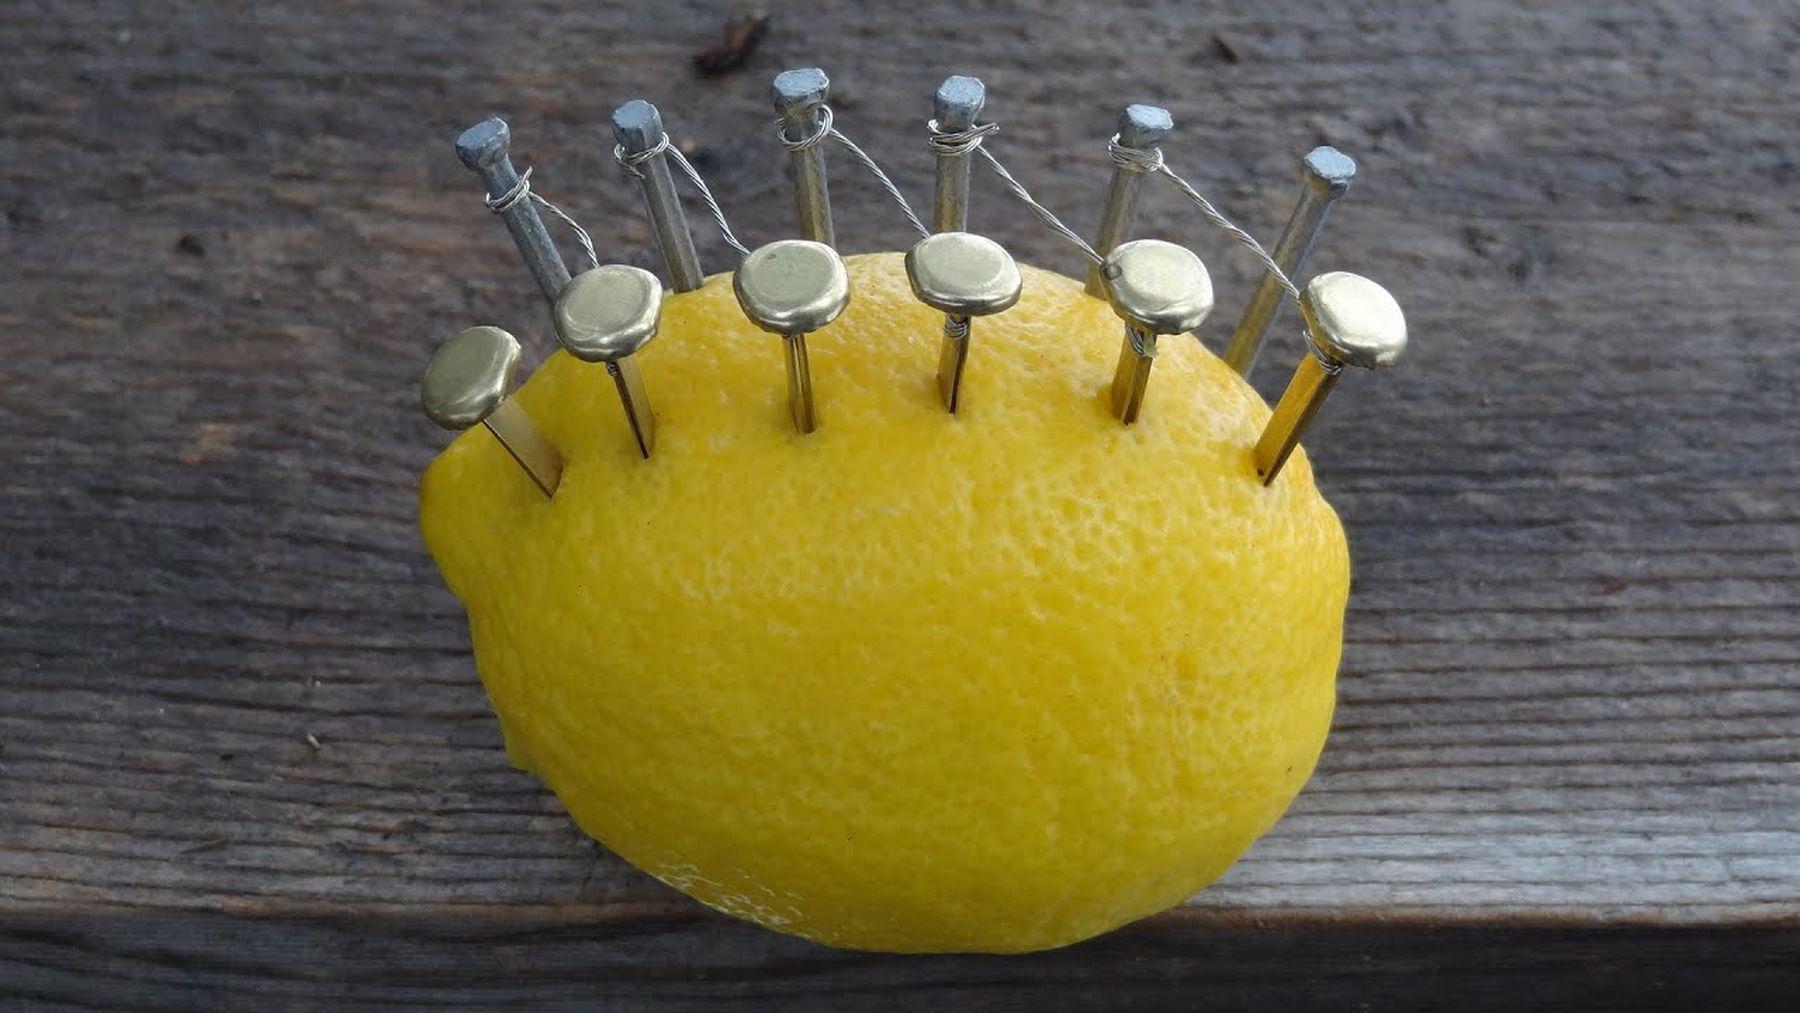 Gibt dir das Leben eine Zitrone, mach Feuer damit | Was gelernt | Was is hier eigentlich los?